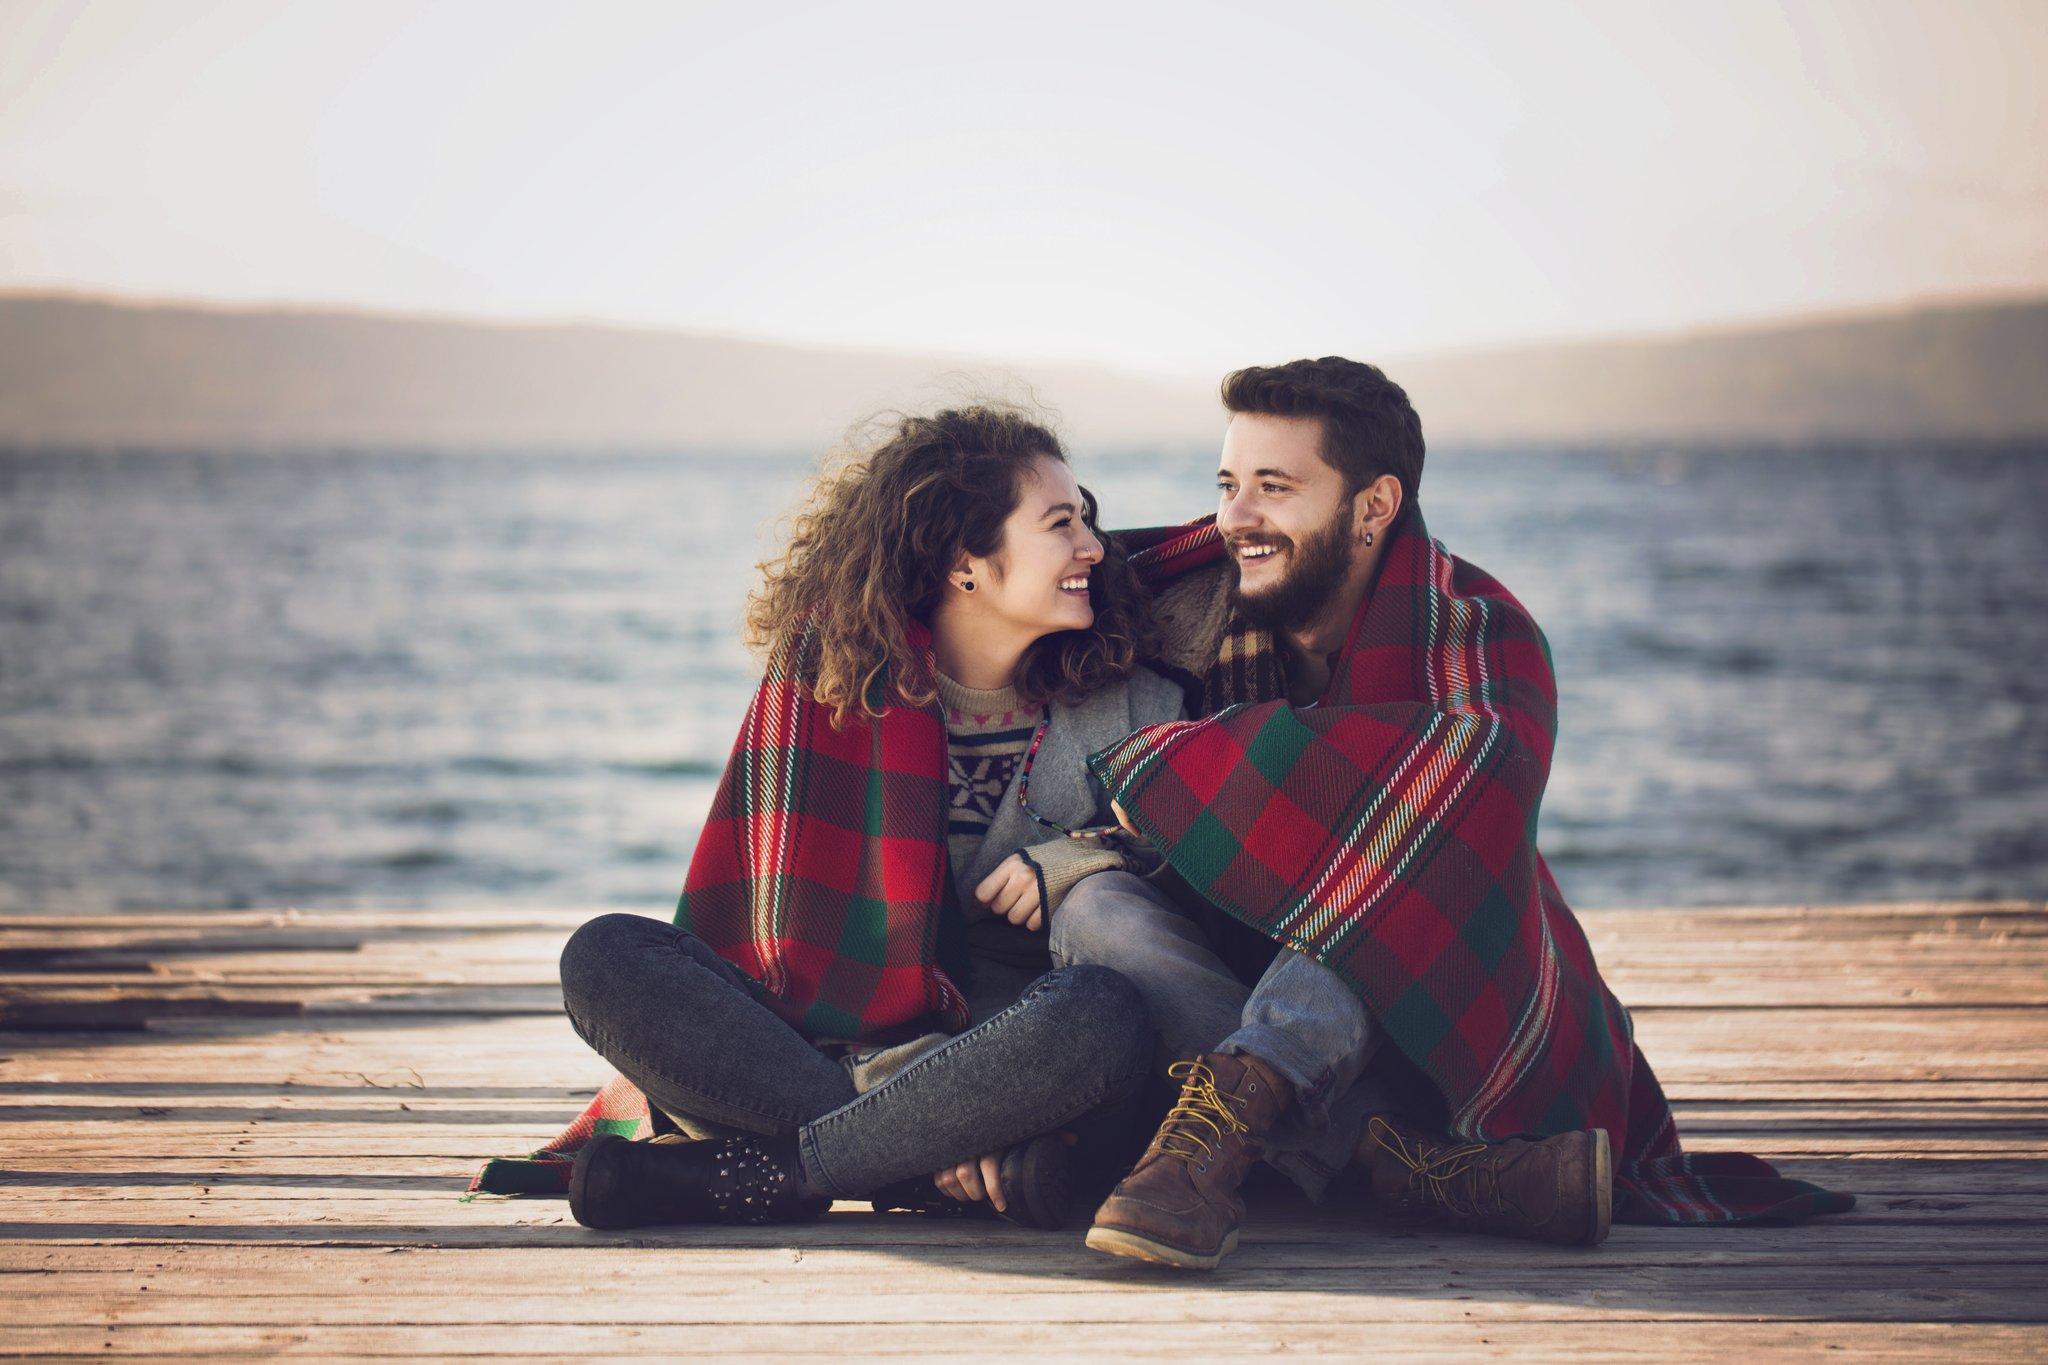 بالصور صور حب ورومنسيه , شاهد بالصور اروع علاقات الحب العاطفية 448 7